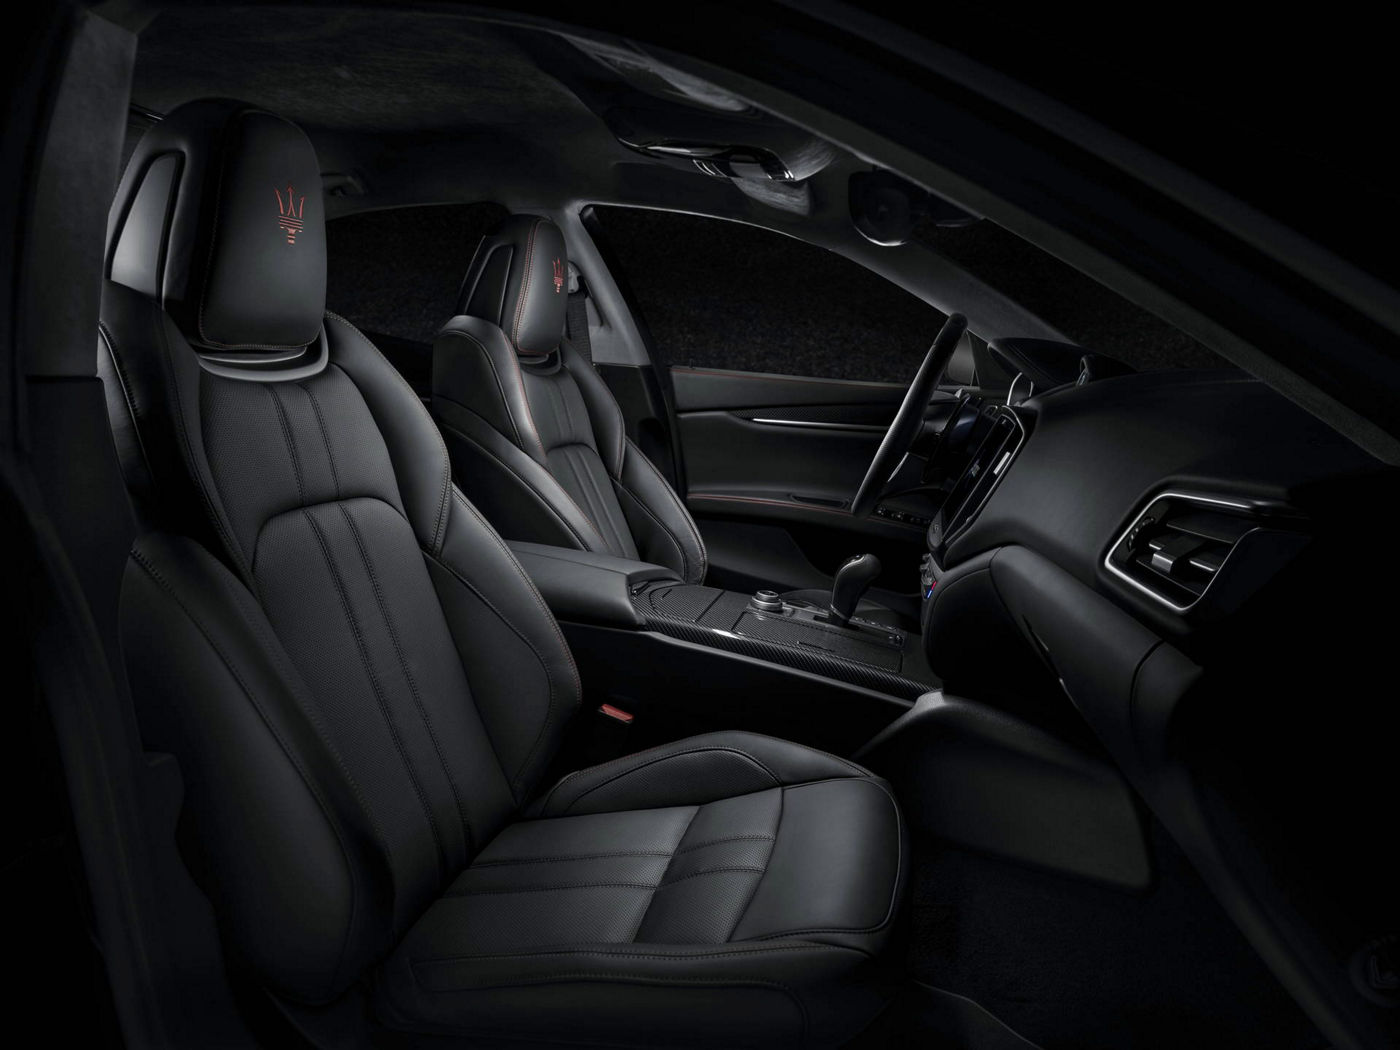 Maserati Ghibli GranSport 2018 - berline luxe - sièges avant cuir noir